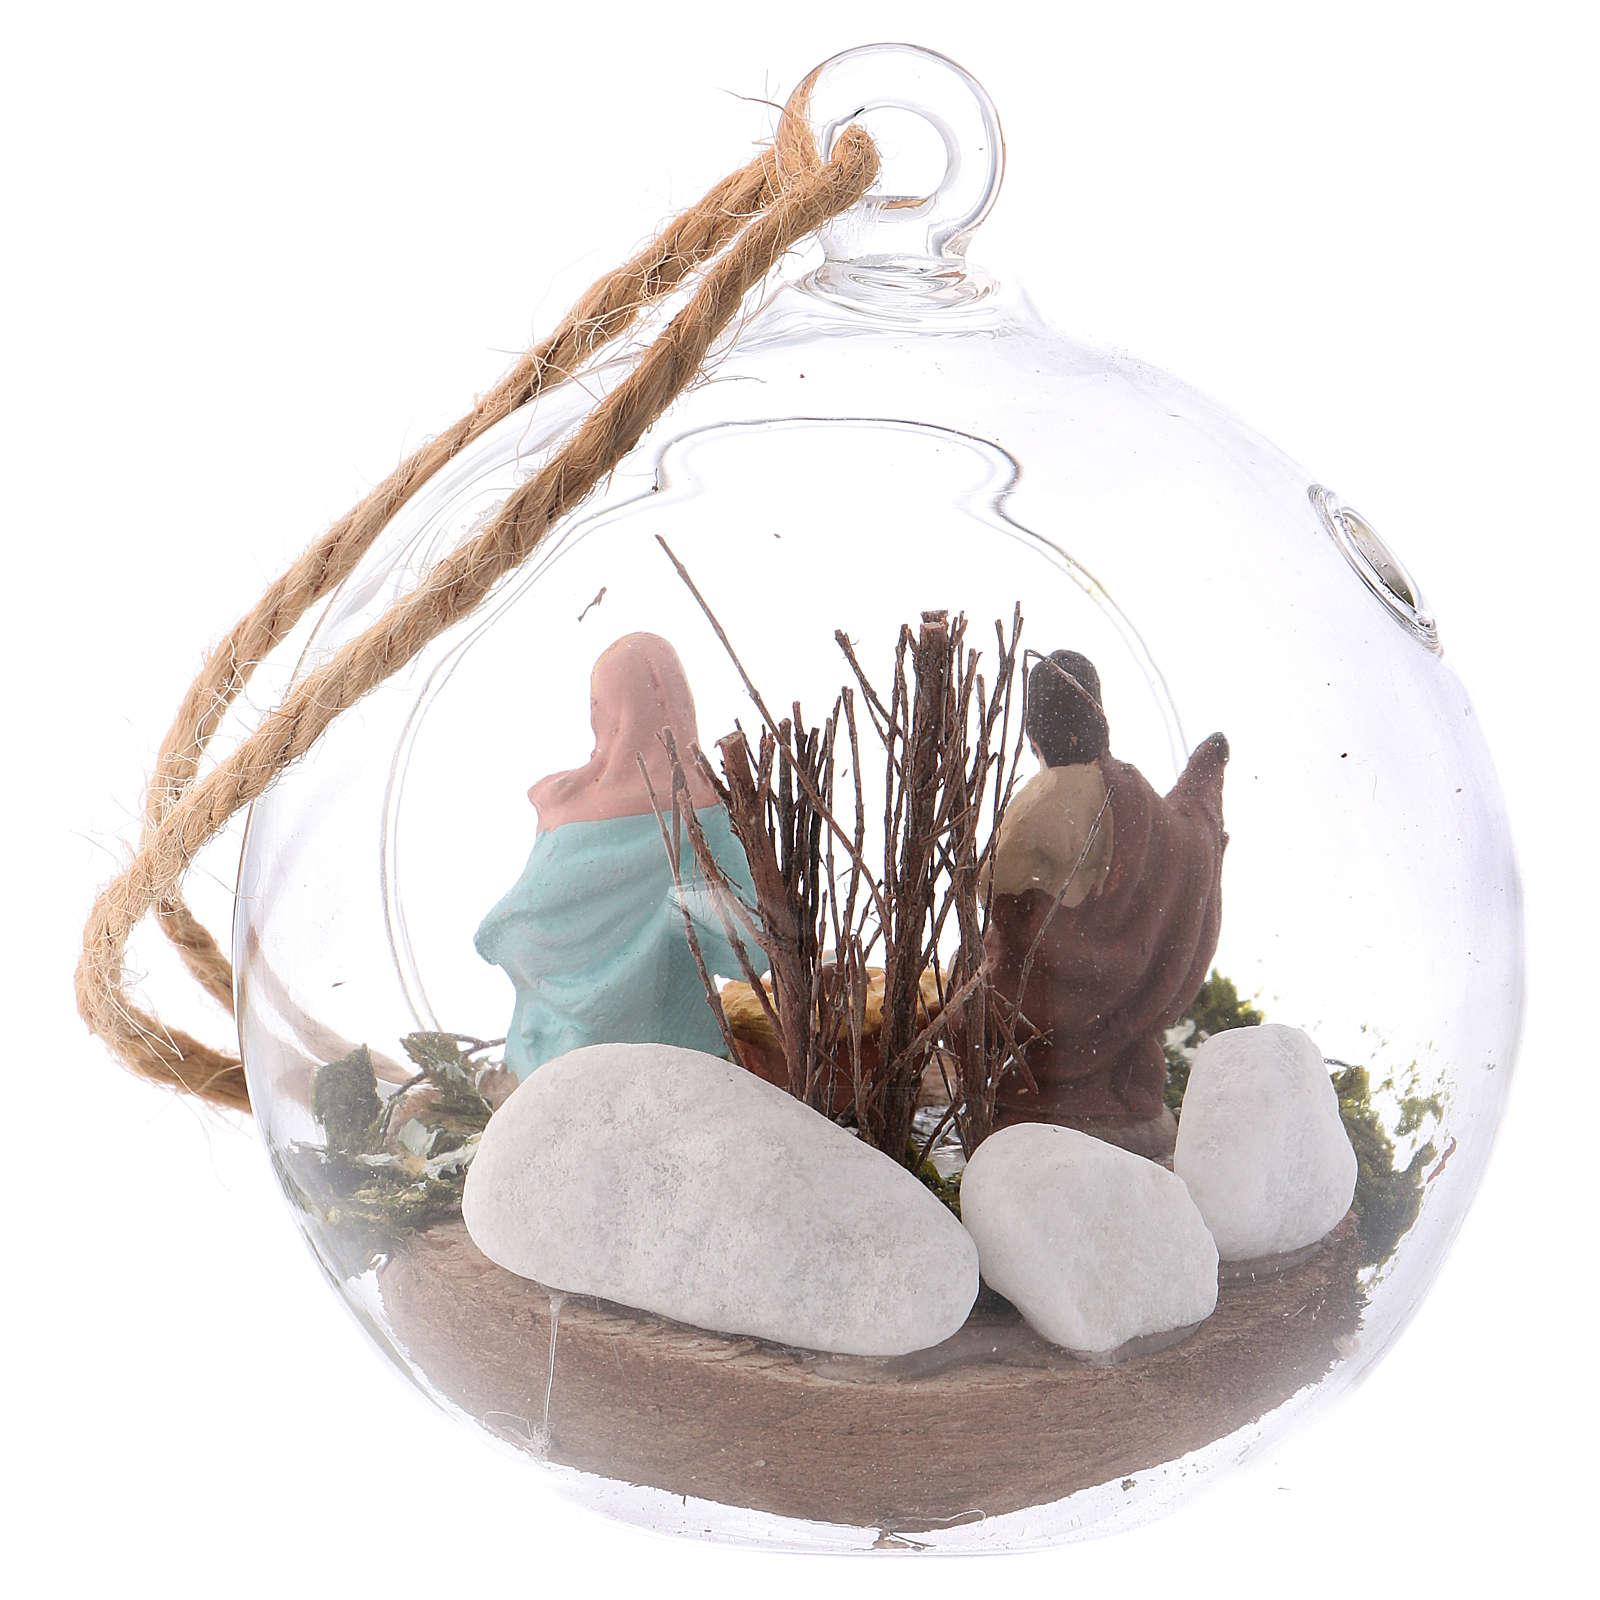 Crèche 4 cm terre cuite Deruta dans boule en verre 10x10x10 cm 4